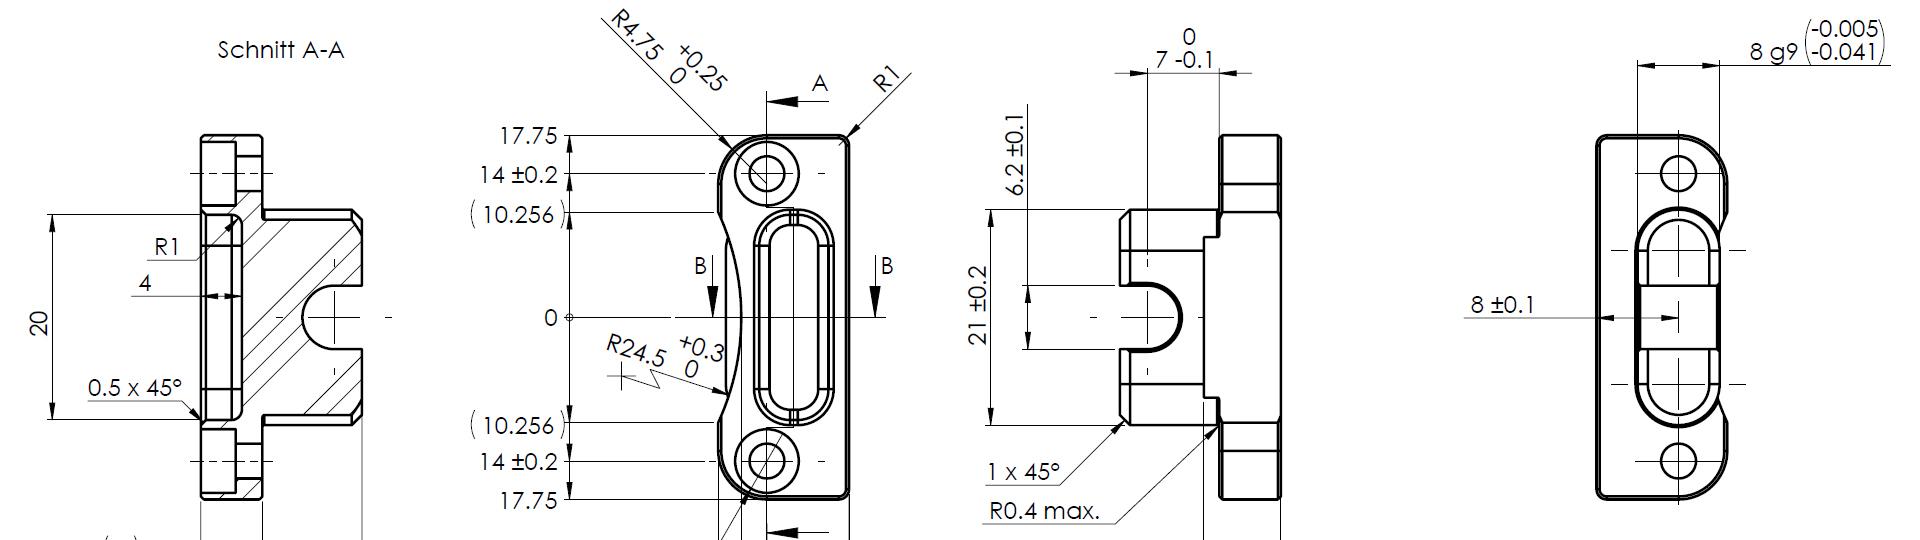 CAD-Zeichnungserstellung: Individuell und extra auf Ihre Wünsche abgestimmt